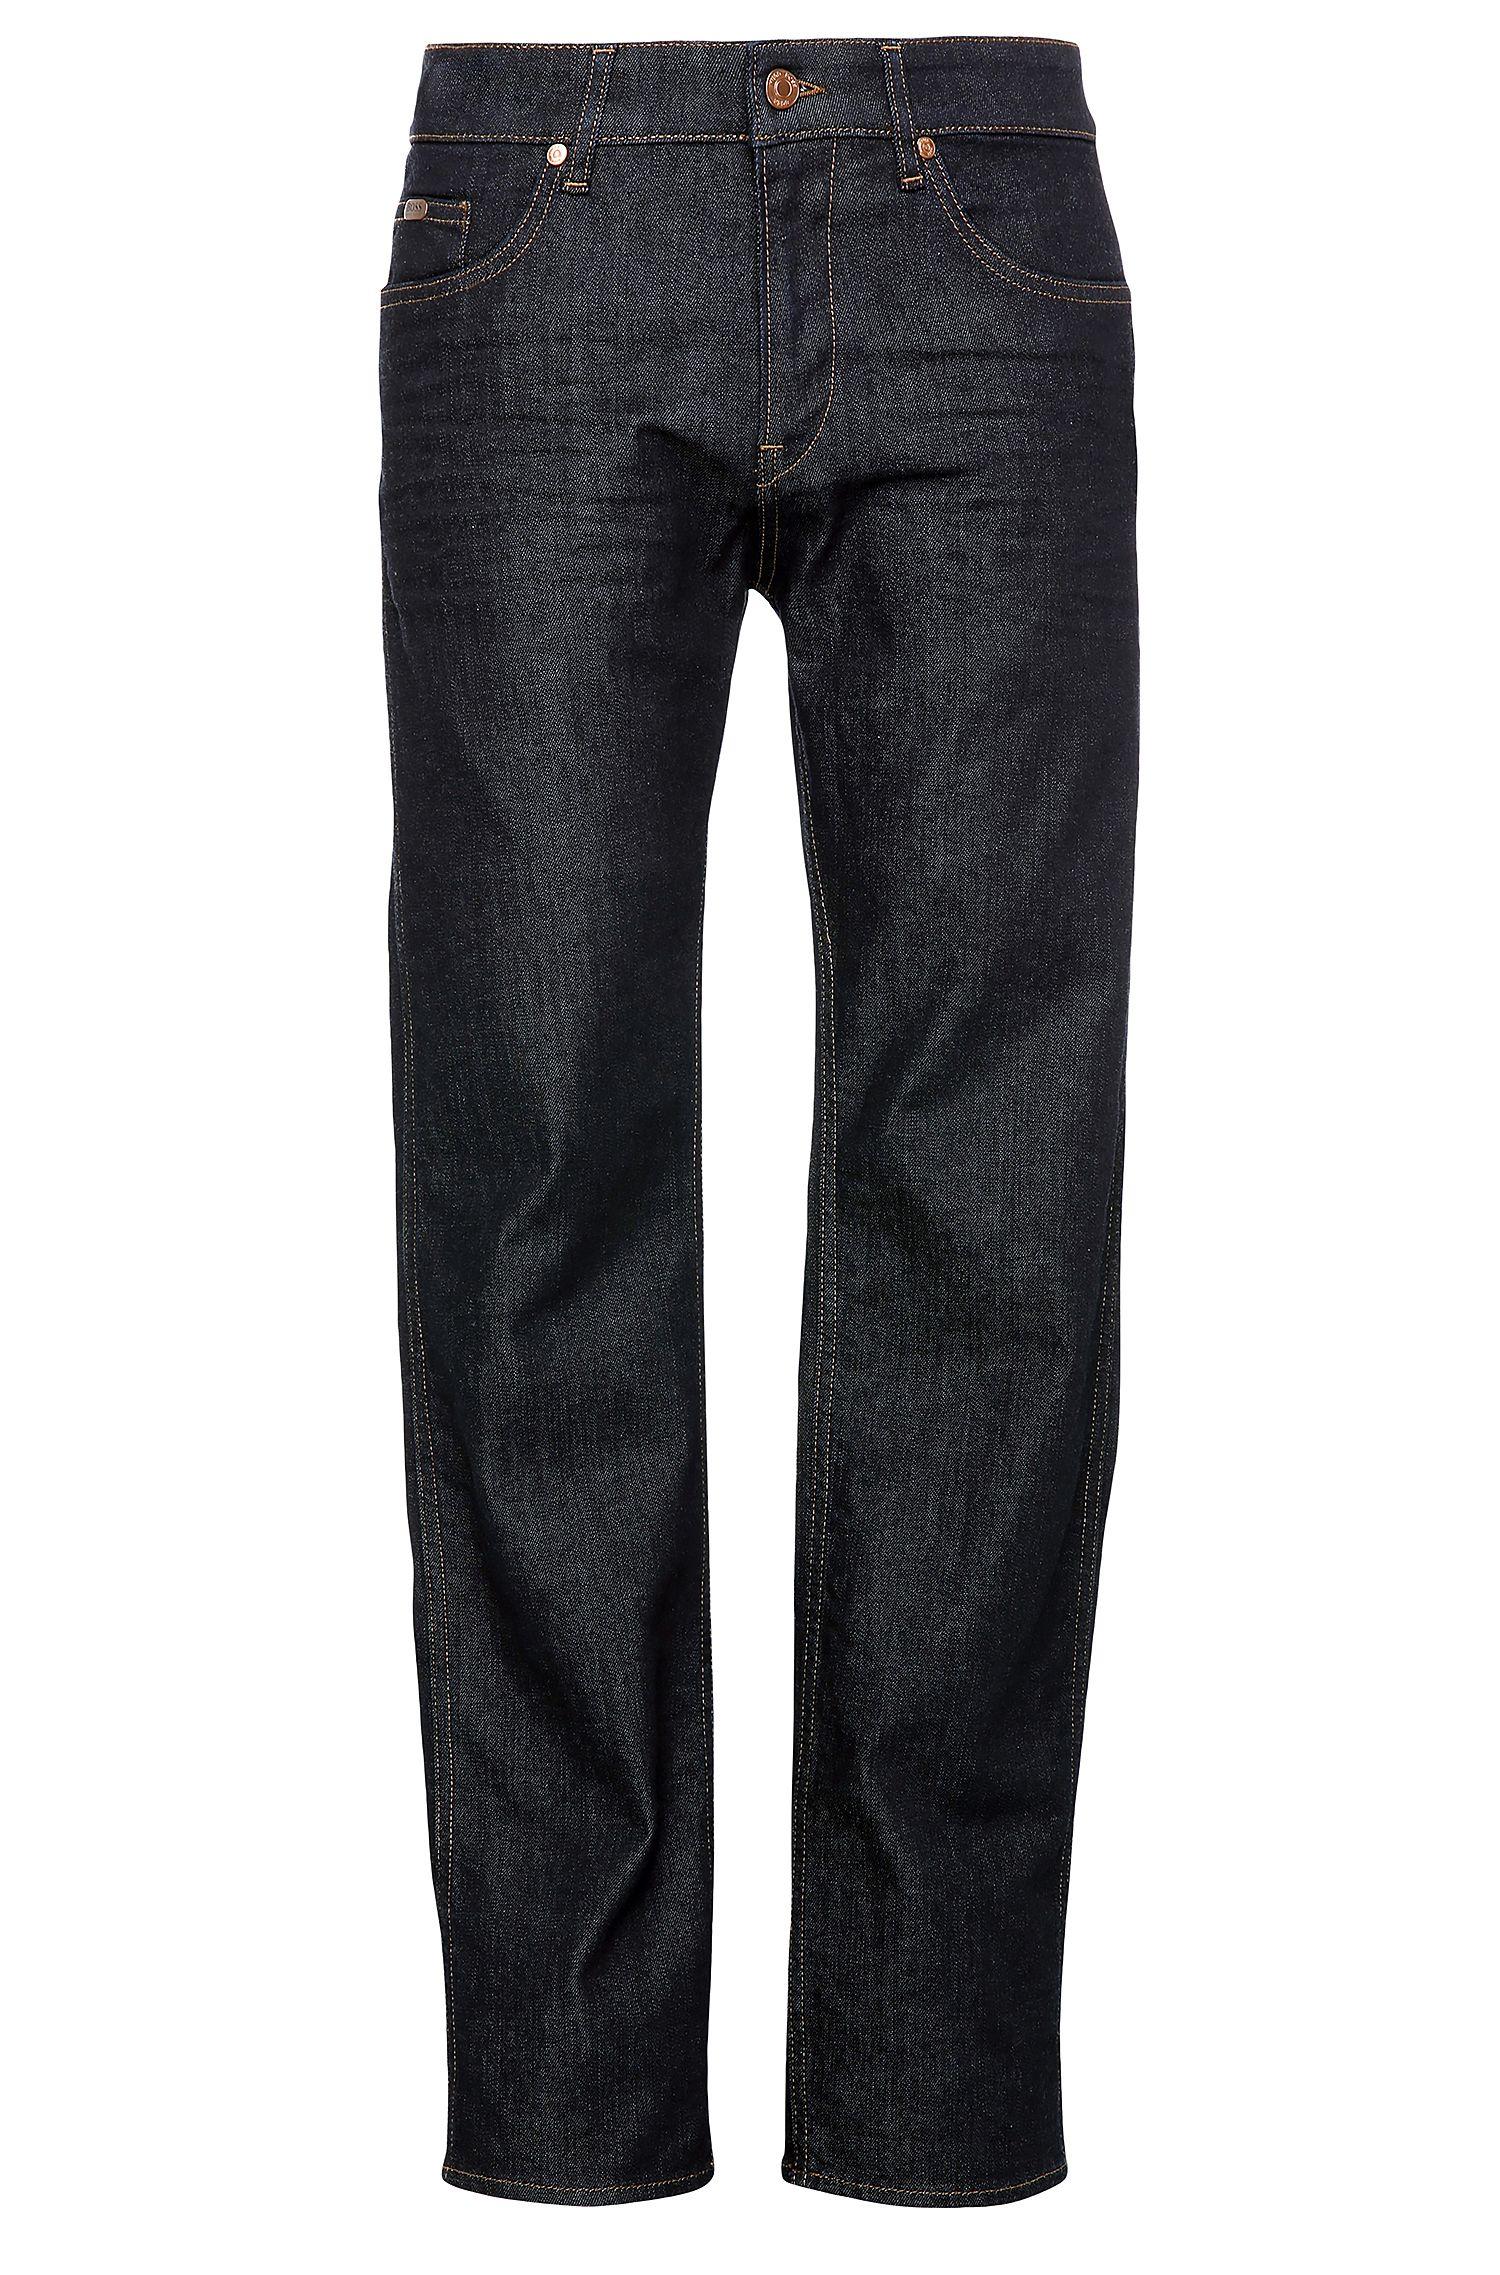 Jeans Slim Fit en coton stretch texturé: «C-DELAWARE1»